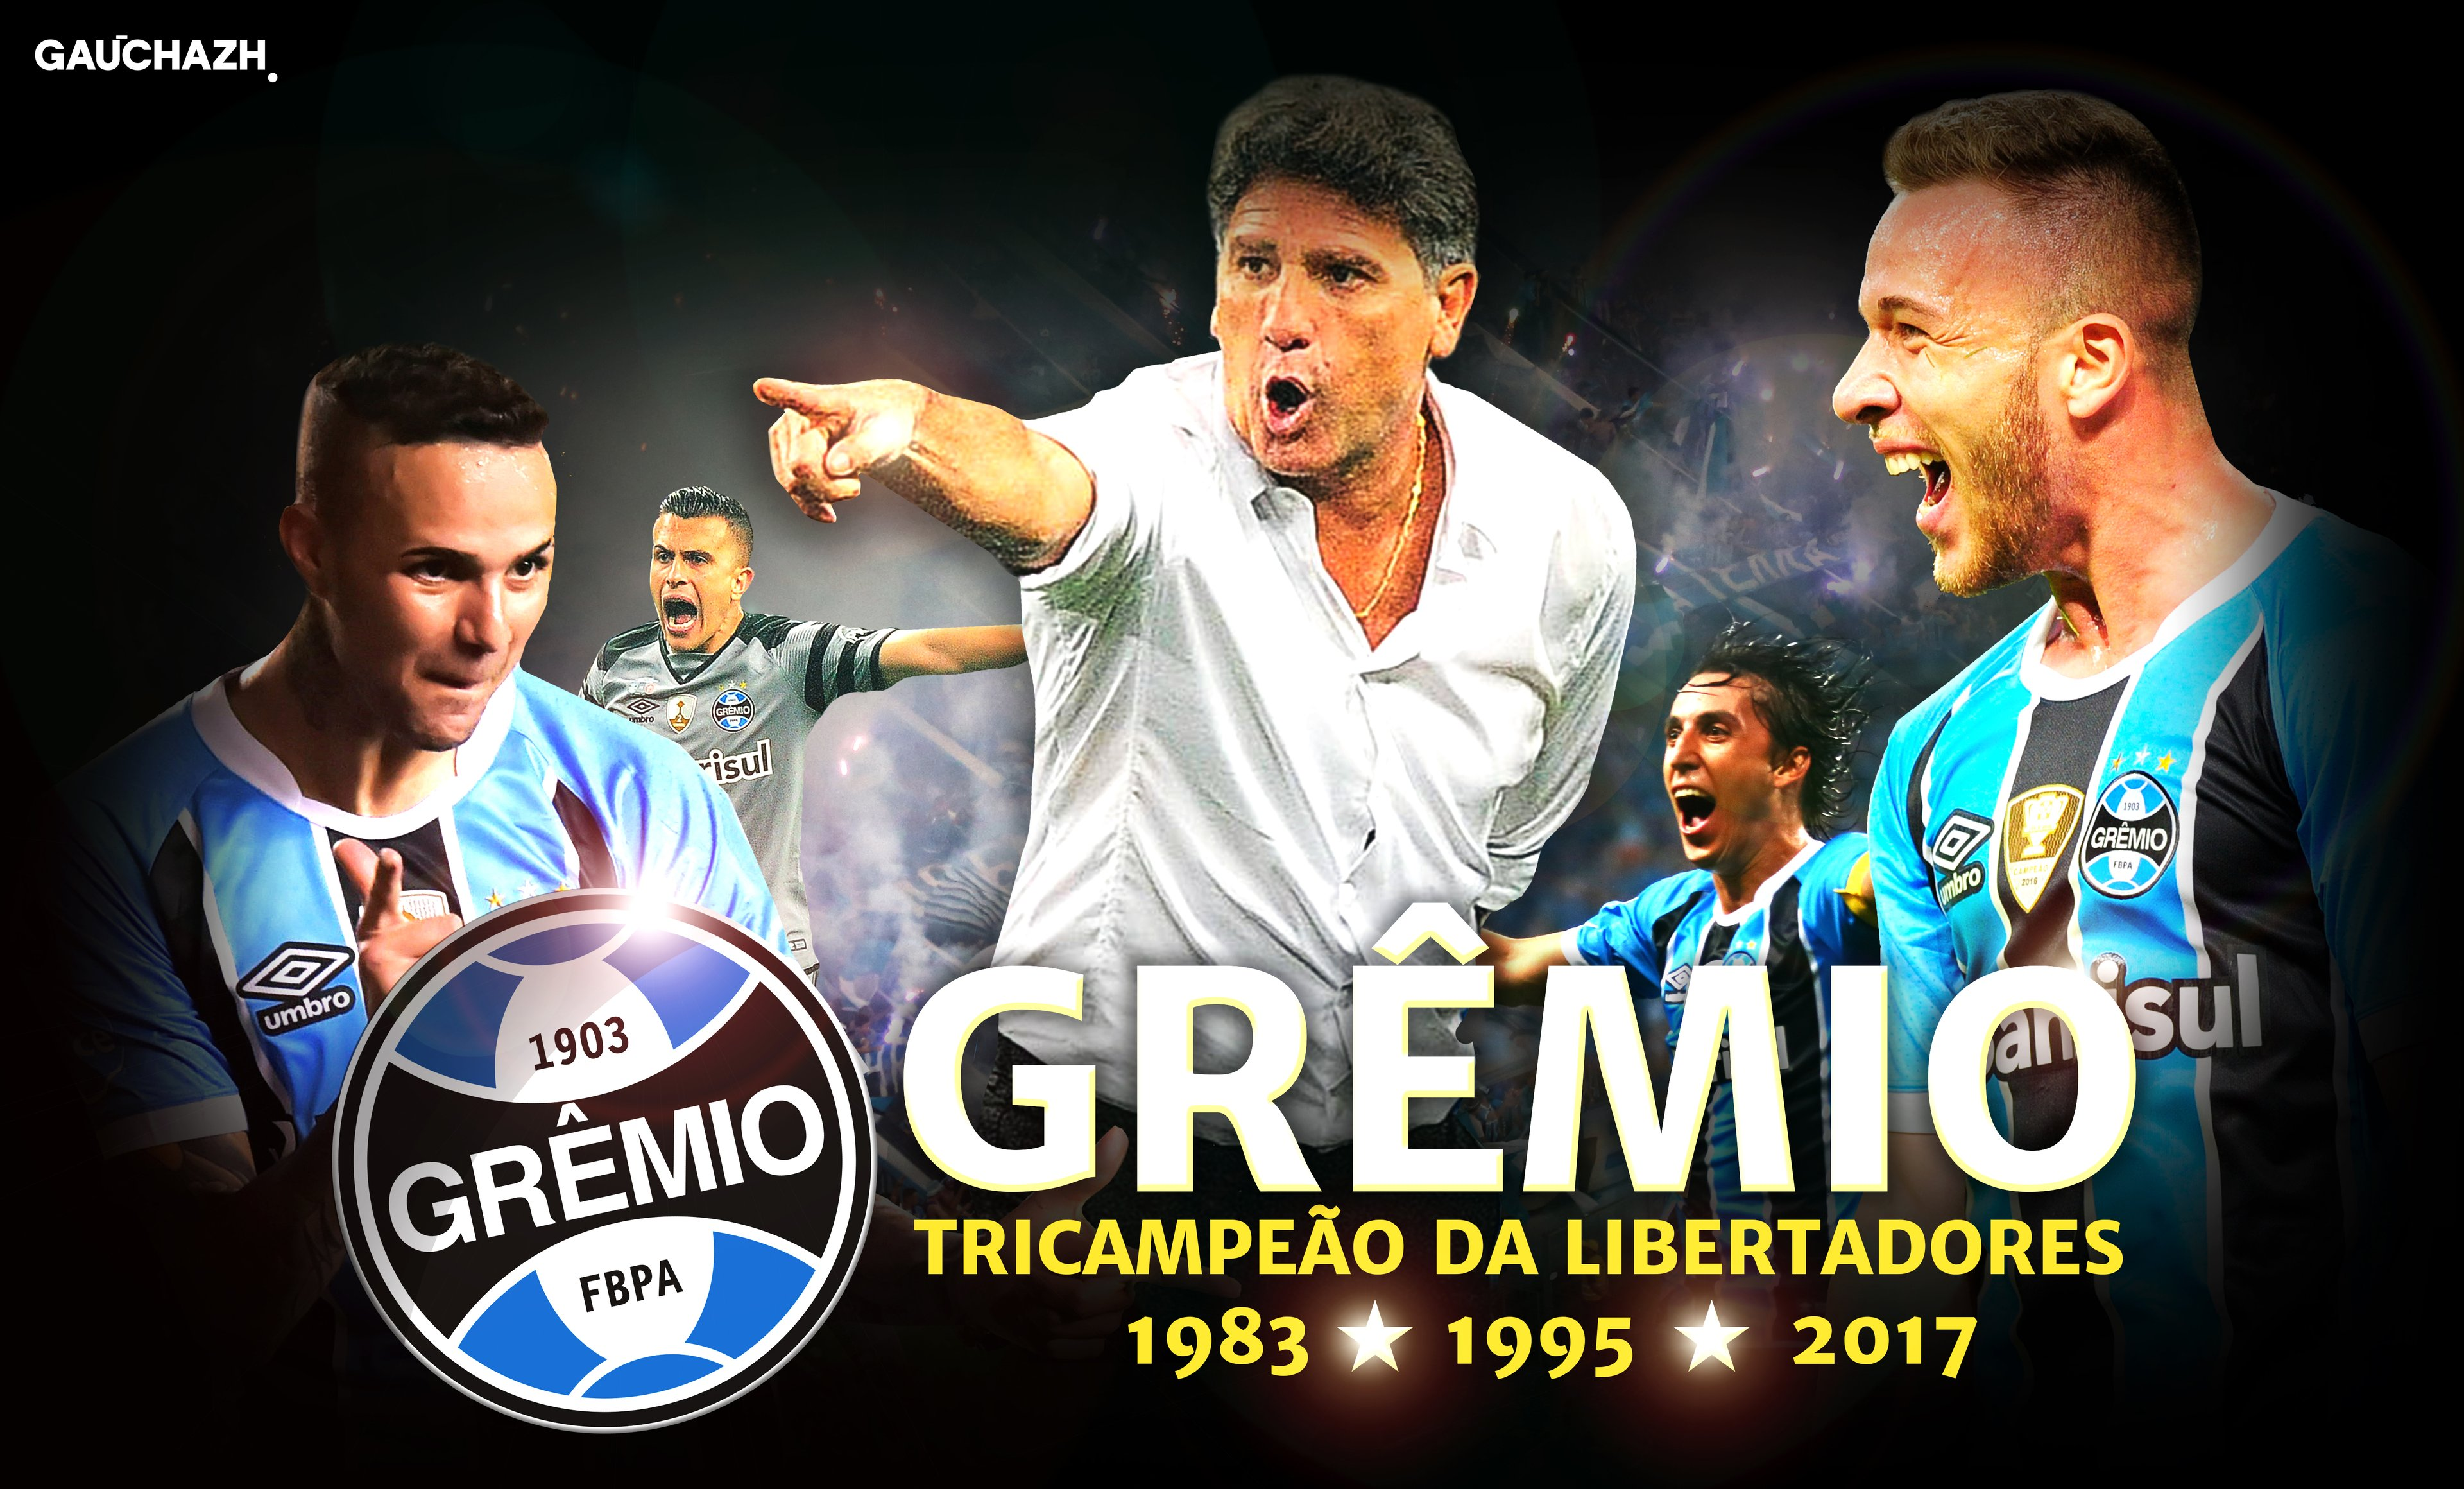 Baixe o wallpaper do Grêmio campeão da Libertadores de 2017  ef13ea560cbfa